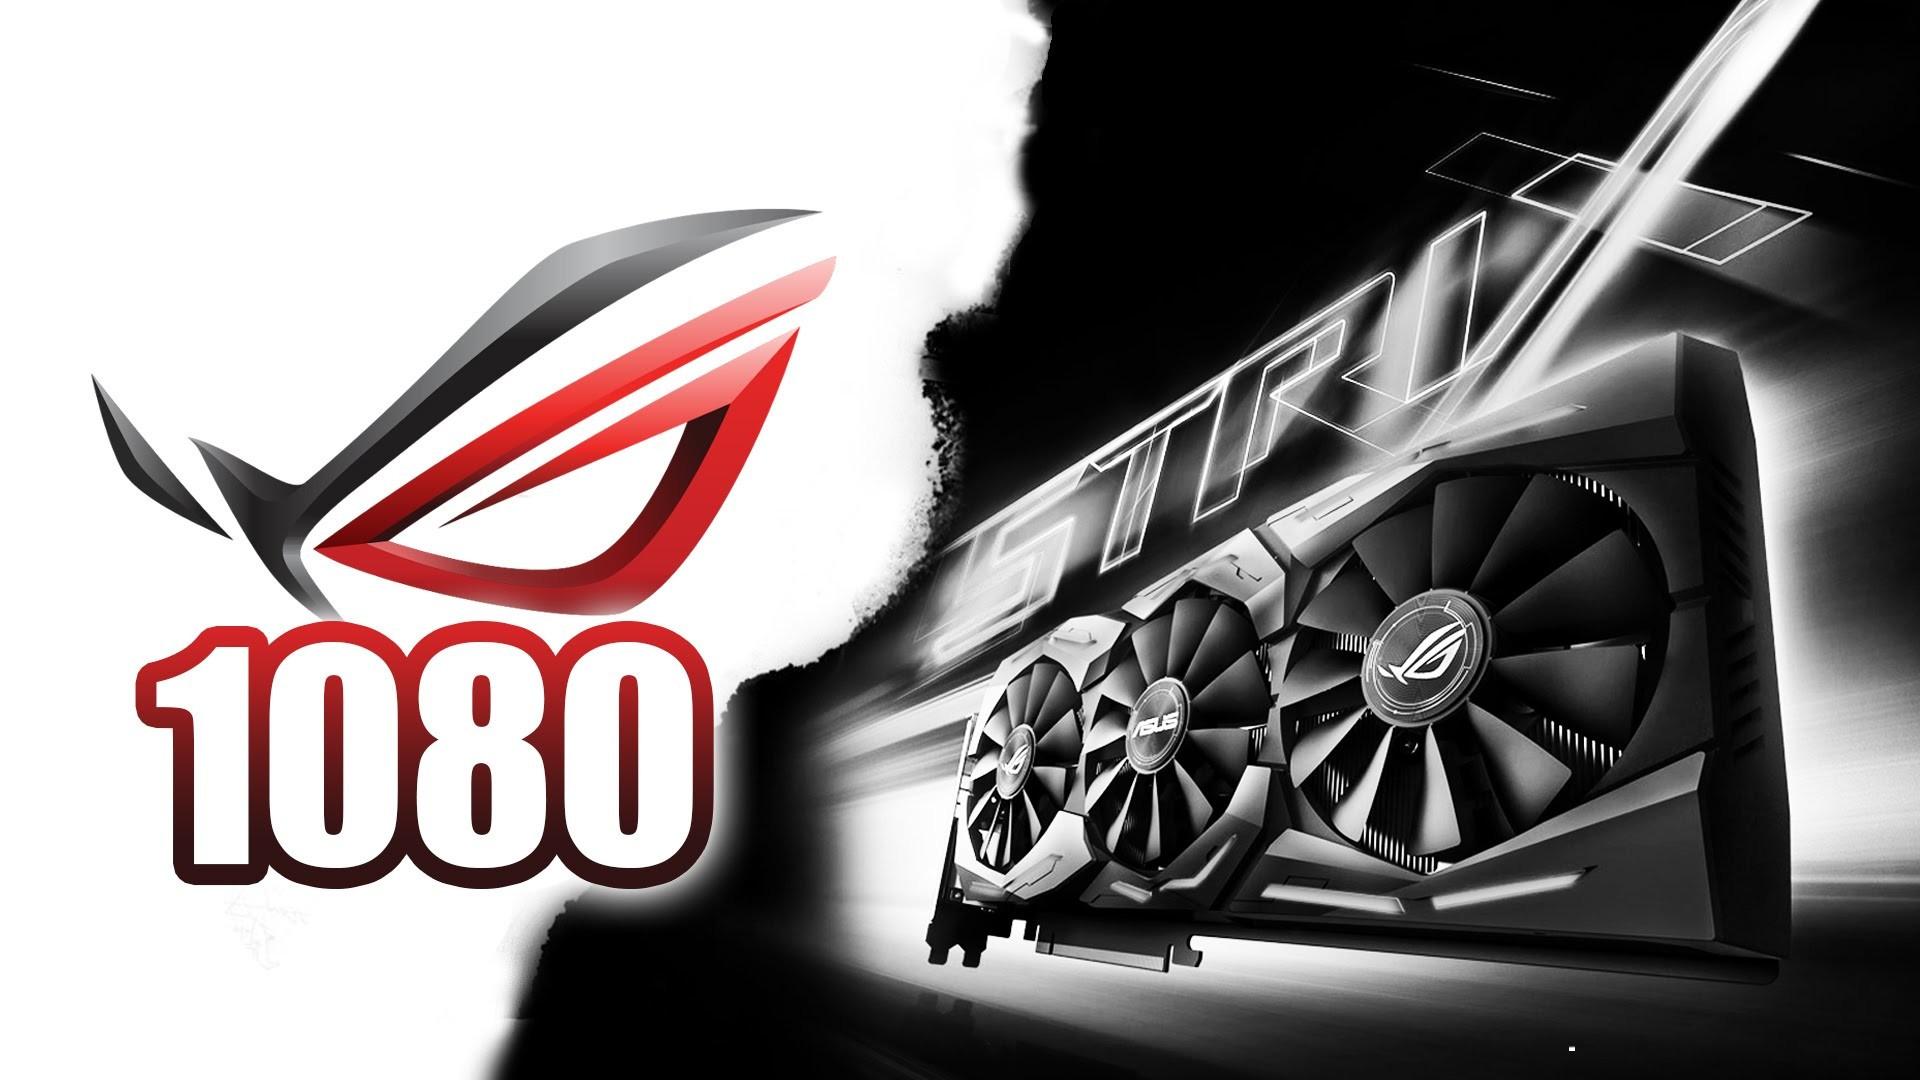 ASUS RoG GTX 1080 – Vergleich bei Witcher 3 in Ultra 4K mit 980Ti – YouTube